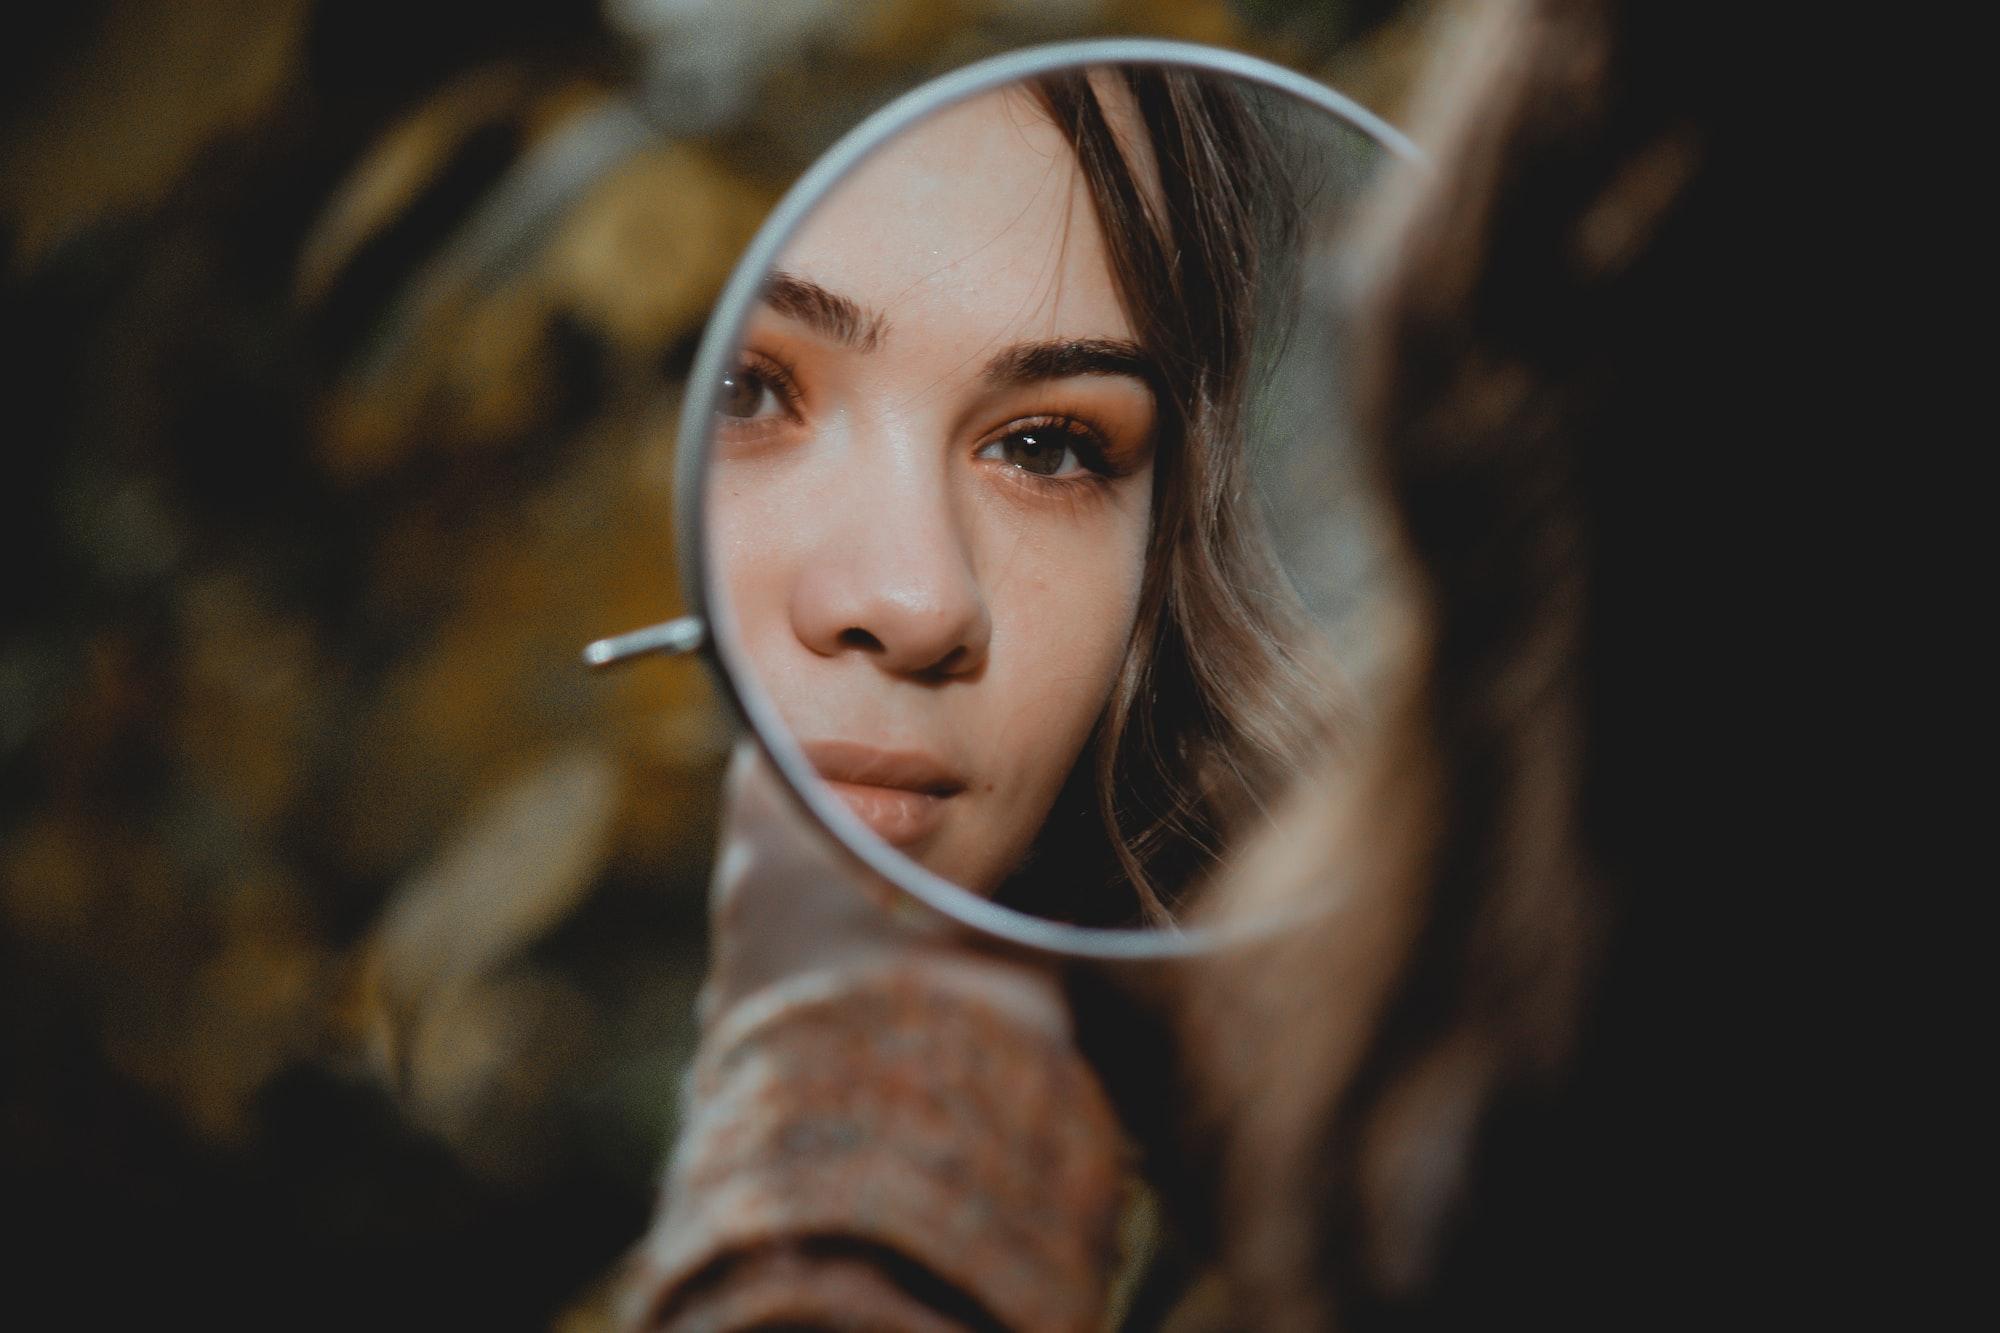 Espelho, espelho meu... existe criança mais linda do que a minha? (Podcast)